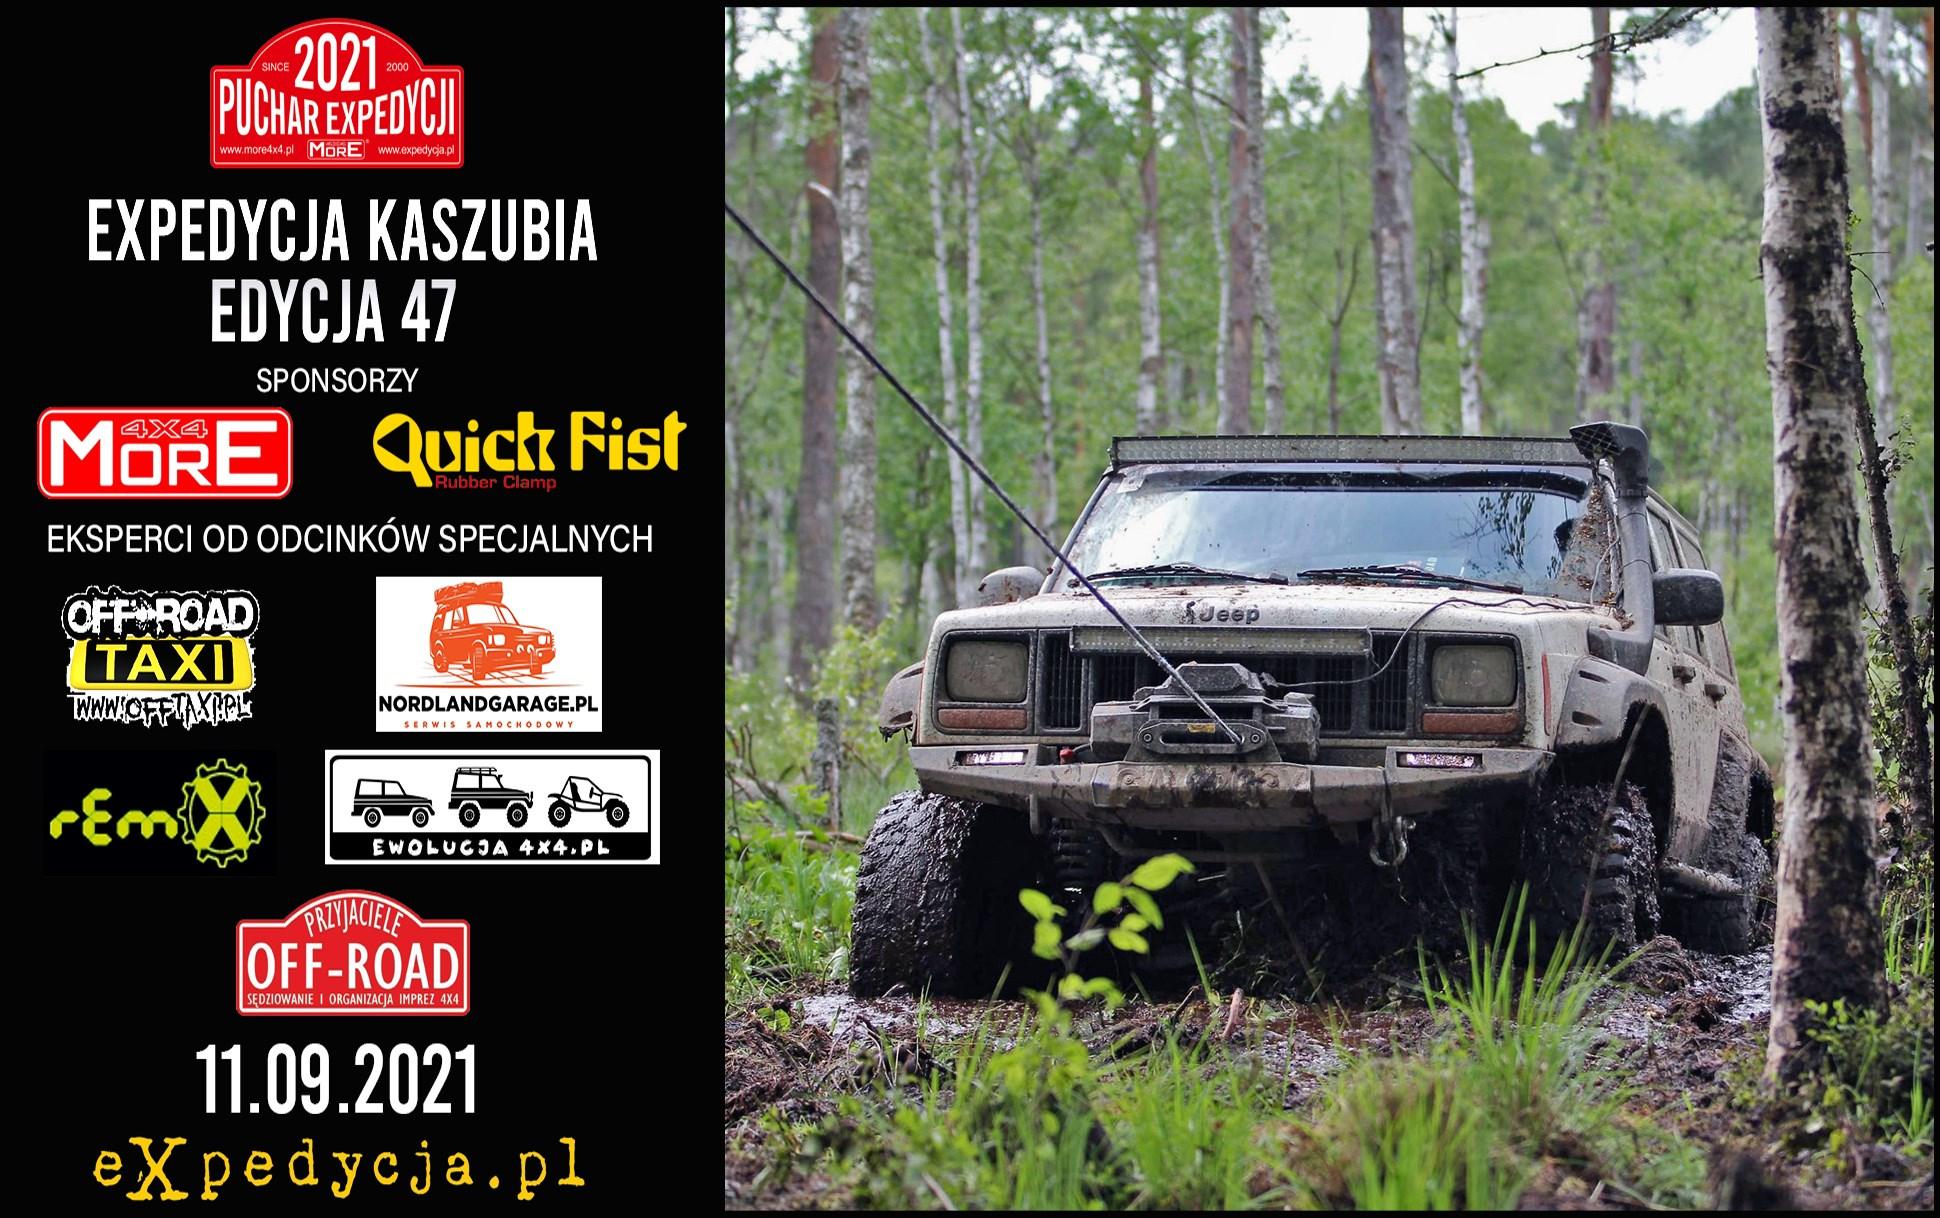 Puchar Expedycji 2021 Expedycja Kaszubia Edycja 47 Runda 4 (finał 2021)